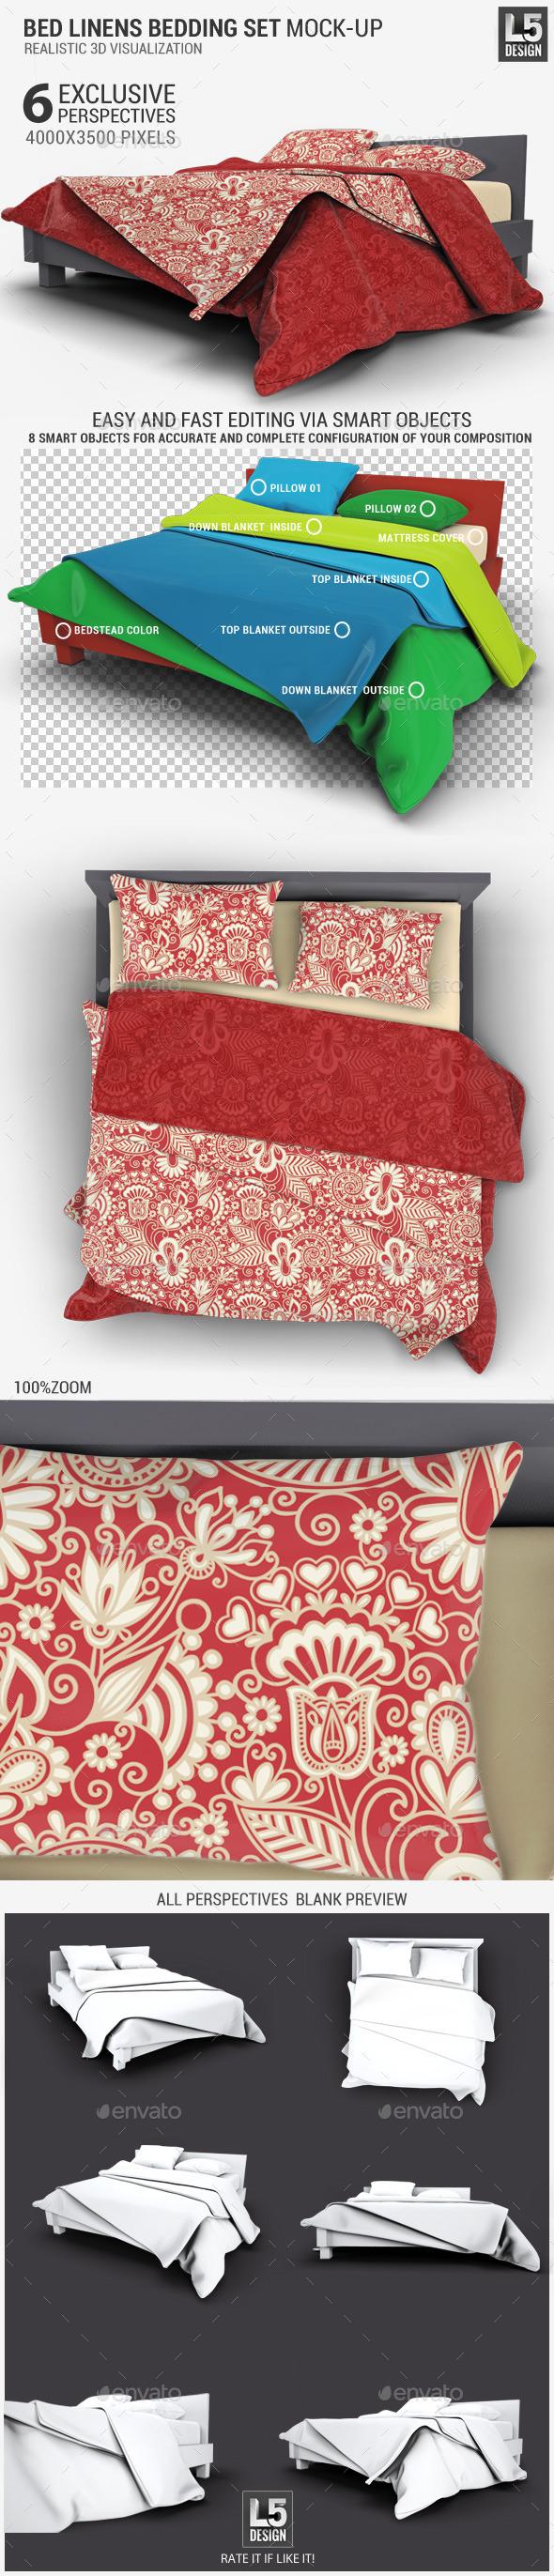 GraphicRiver Bed Linens Bedding Set Mock-Up 11624806